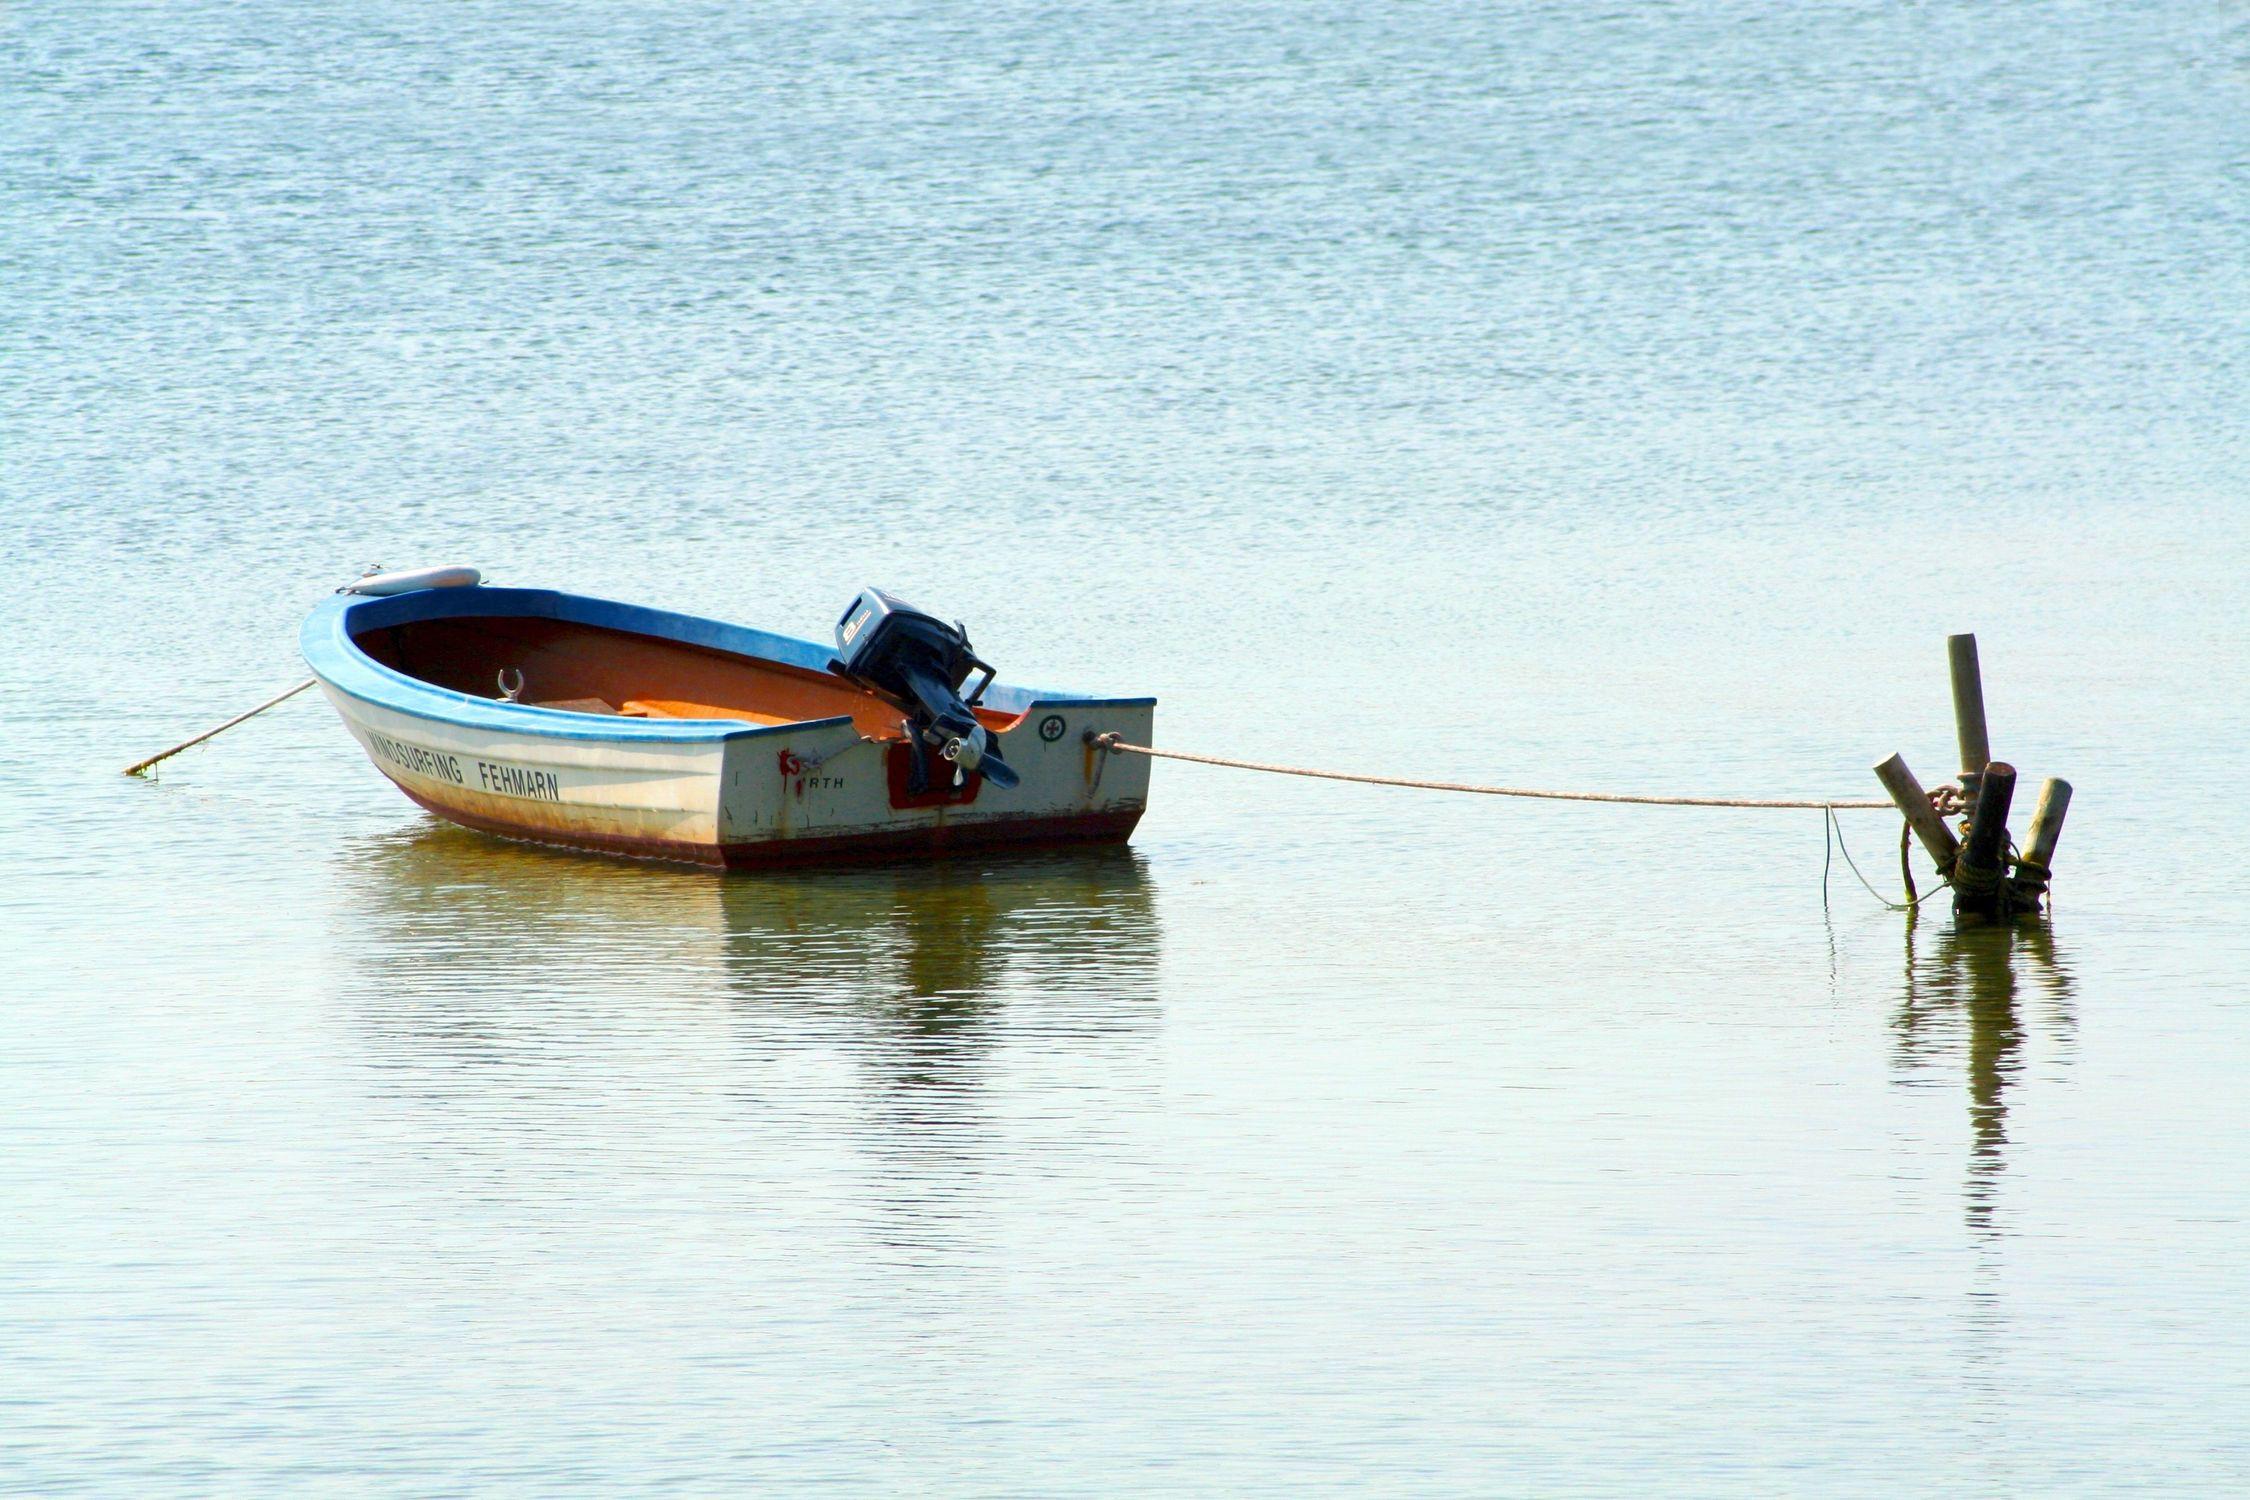 Bild mit Wasser, Gewässer, boot, Meer, Boote, See